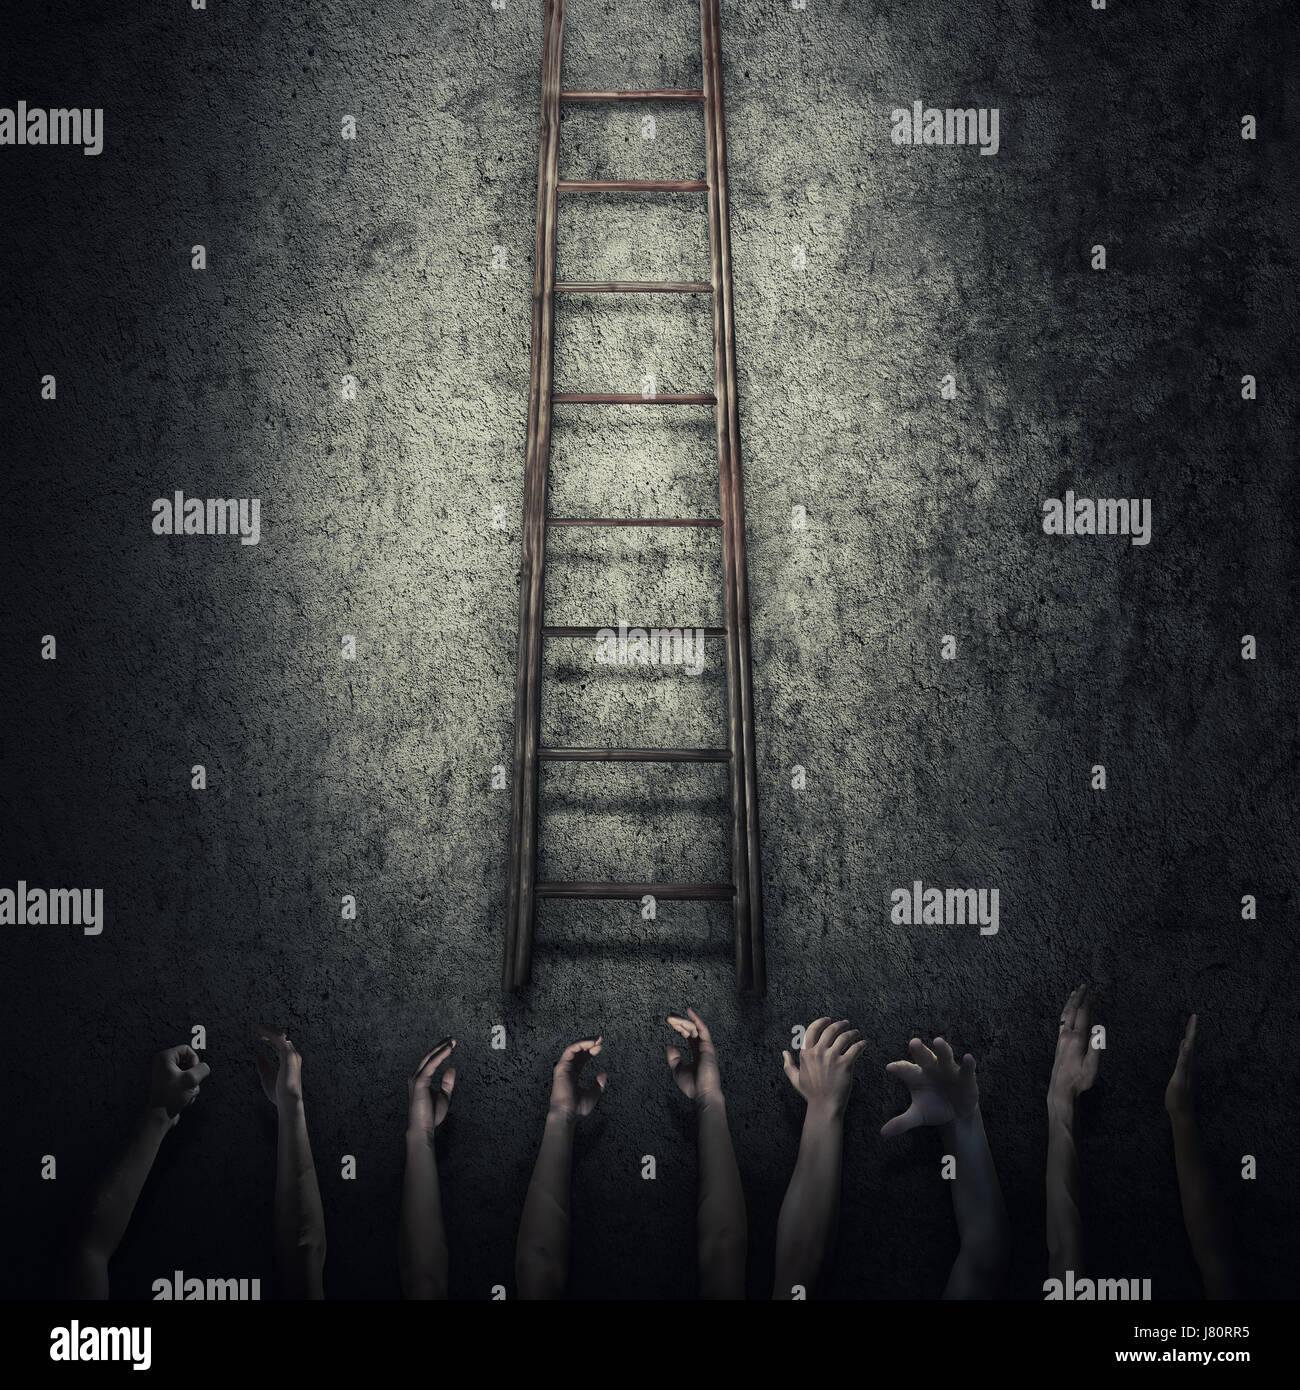 Idea astratta nozione come un sacco di mani umane tesa a raggiungere una scaletta e fuggire da una stanza buia prigione. Immagini Stock